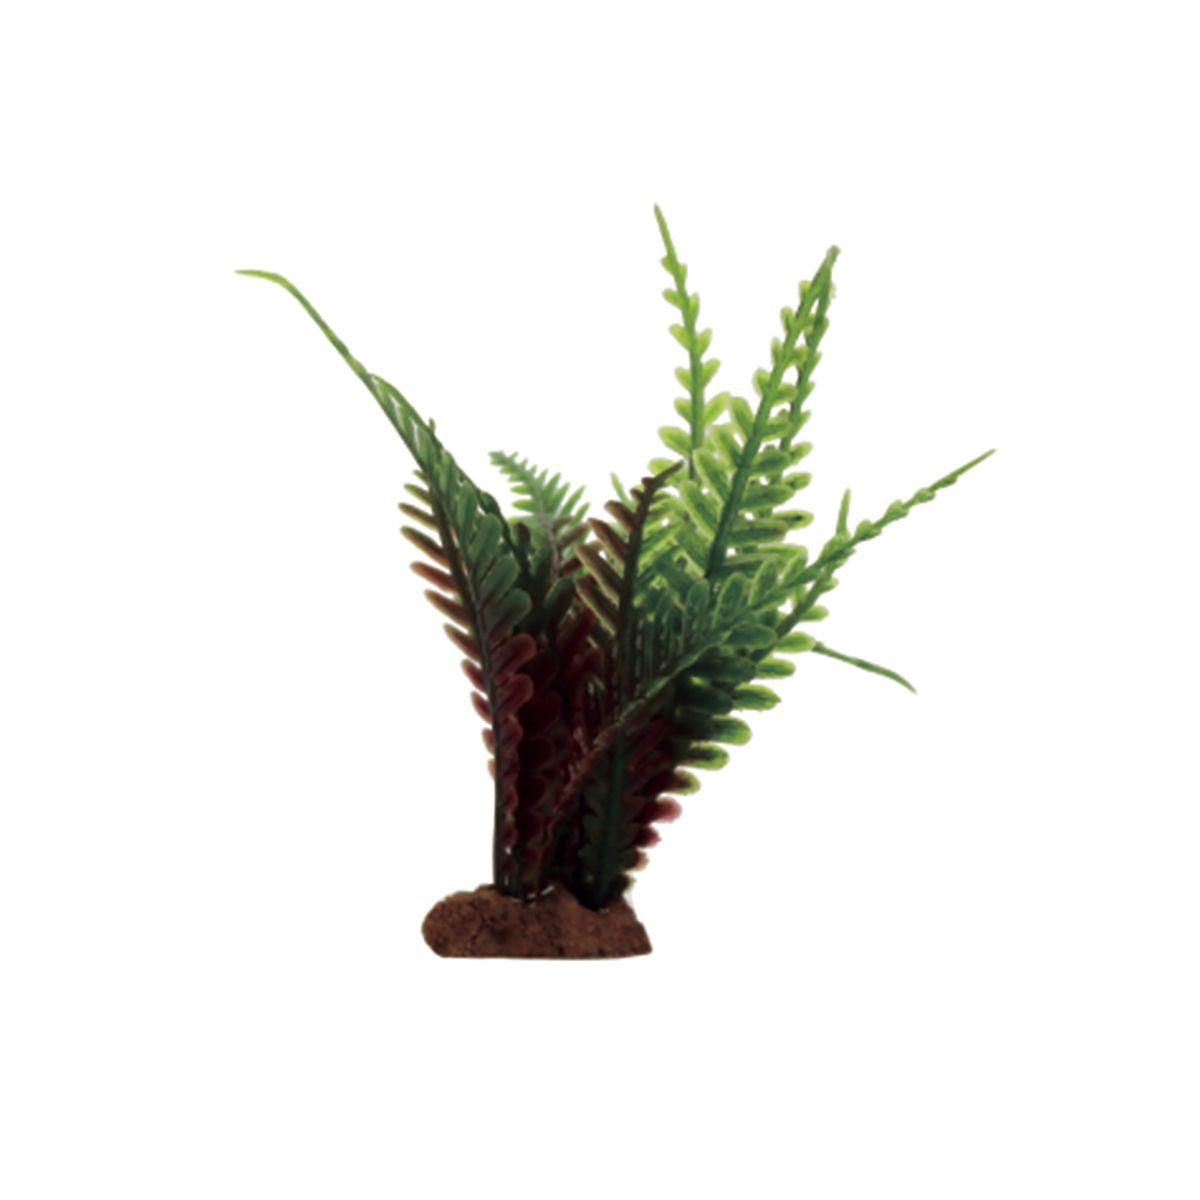 Растение для аквариума ArtUniq Папоротник красно-зеленый, высота 10 см, 6 штART-1170506Растение для аквариума ArtUniq Папоротник красно-зеленый, высота 10 см, 6 шт